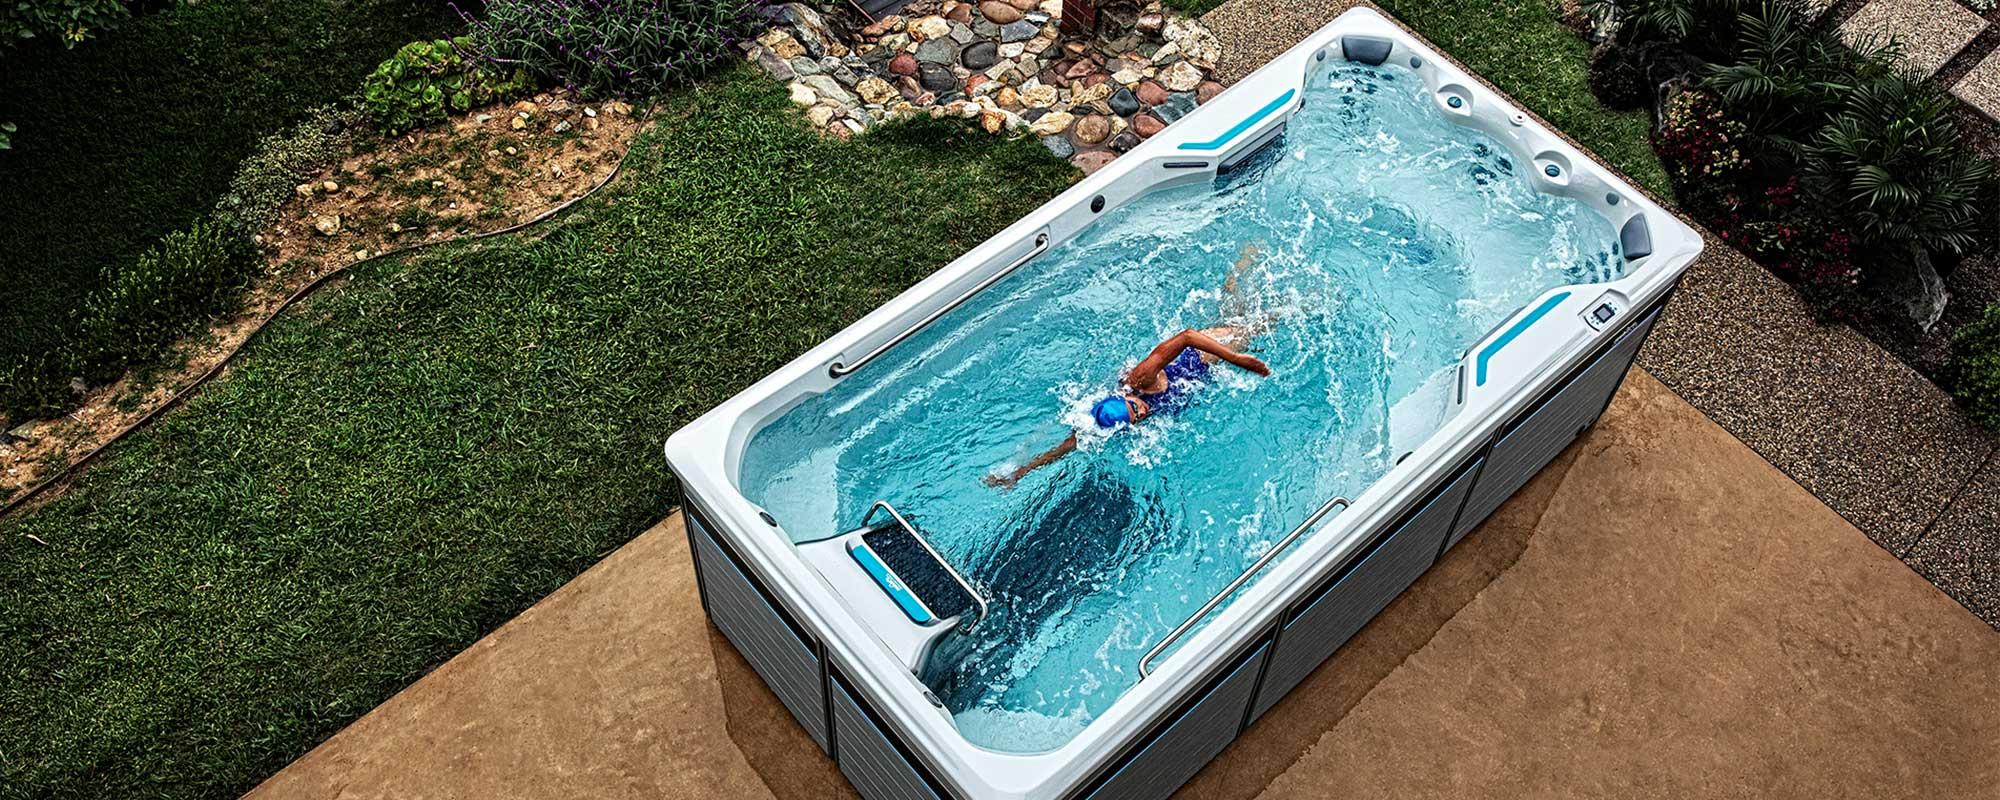 endless pool repair, steamboat springs, aqua vita spas